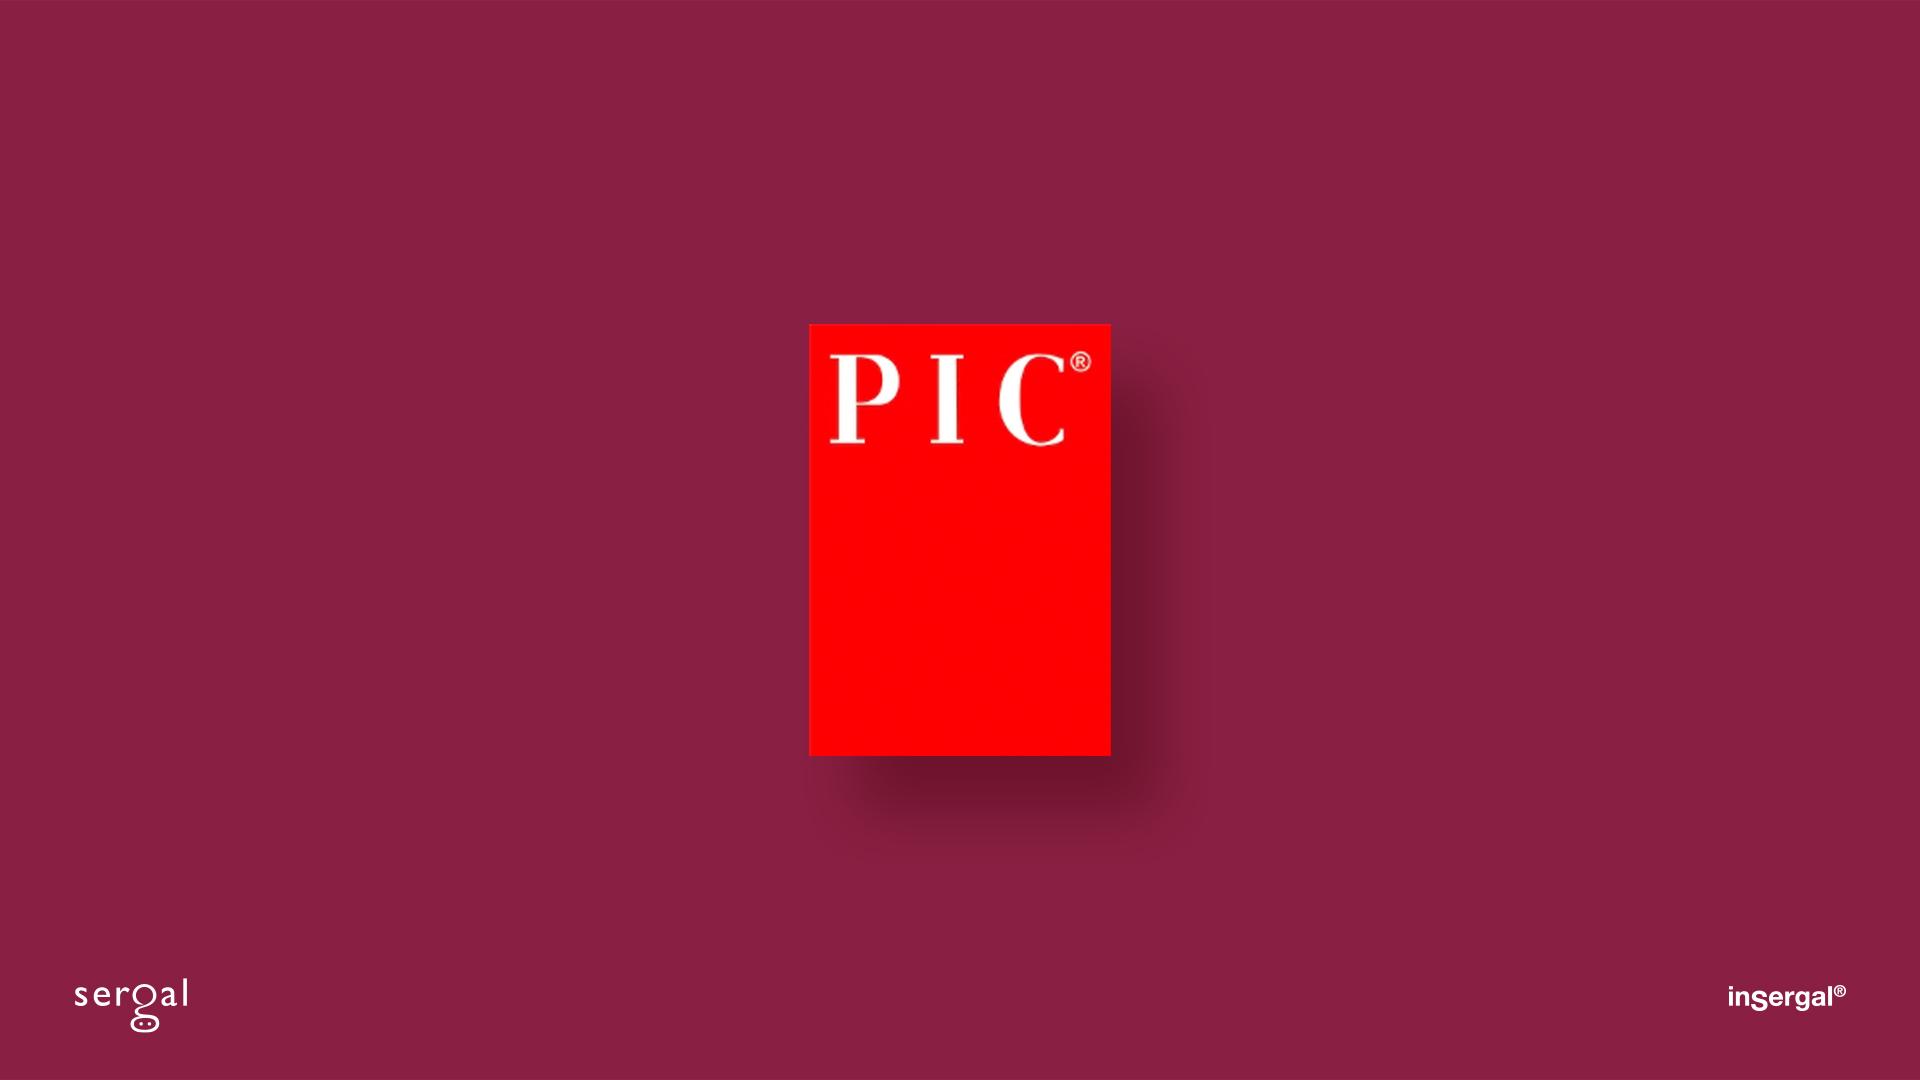 PIC & Sergal: Acord estrategic